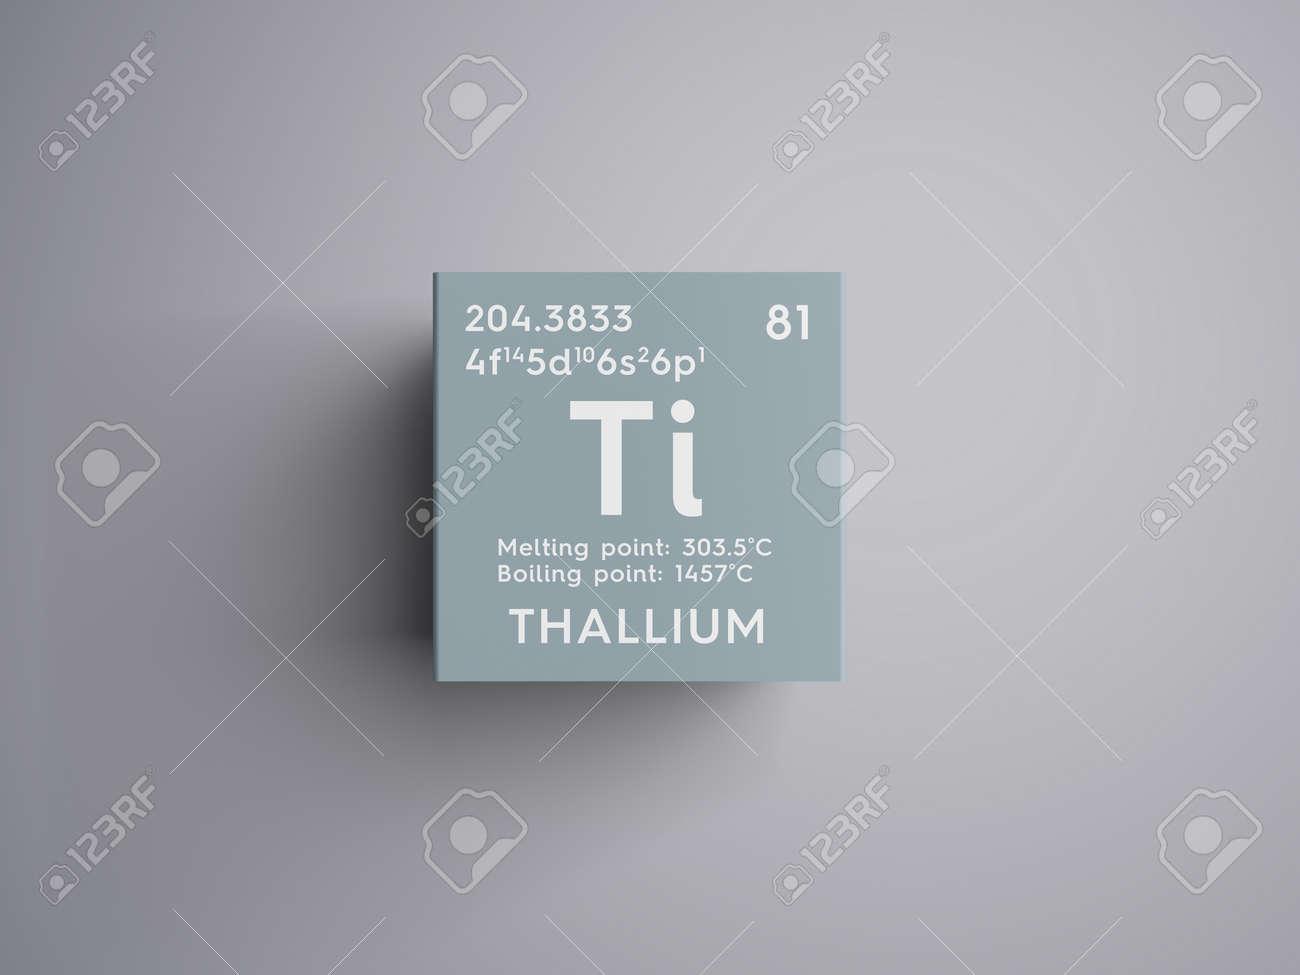 Talio metales posteriores a la transicin elemento qumico de la metales posteriores a la transicin elemento qumico de la tabla peridica de mendeleev talio en un cubo cuadrado concepto creativo urtaz Images